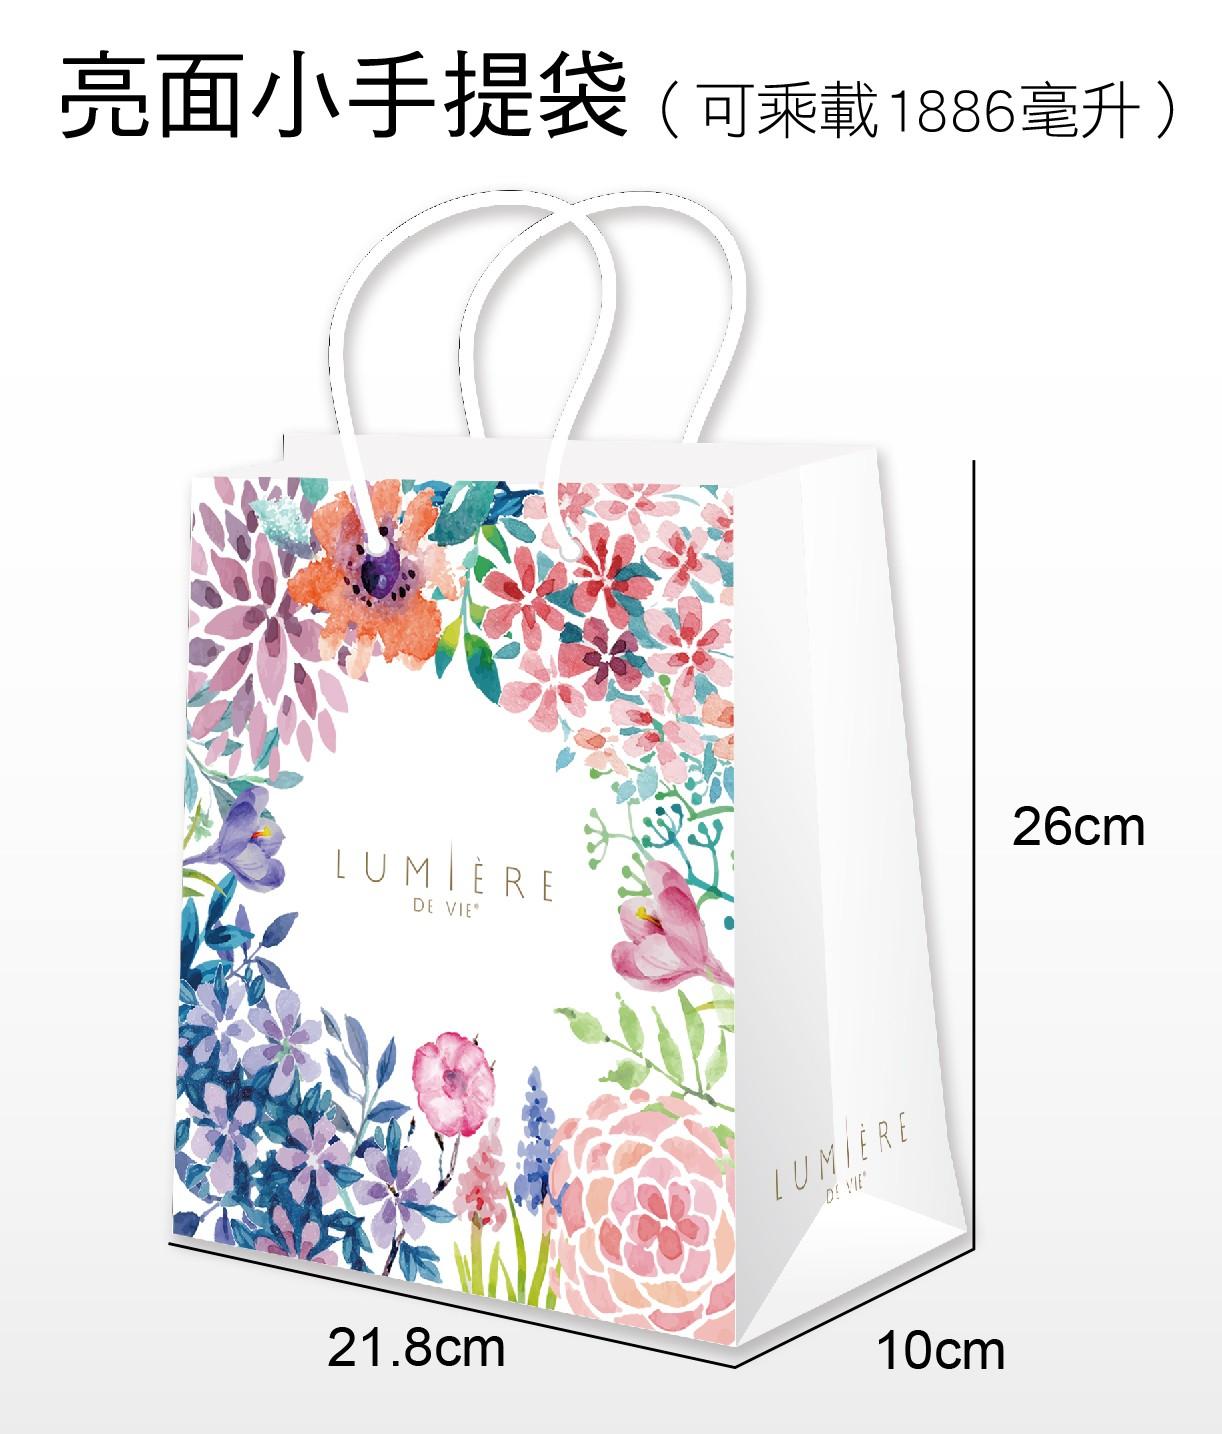 若美芙(白底花朵)亮面小手提袋-21.8x26x10cm-(20只1包)